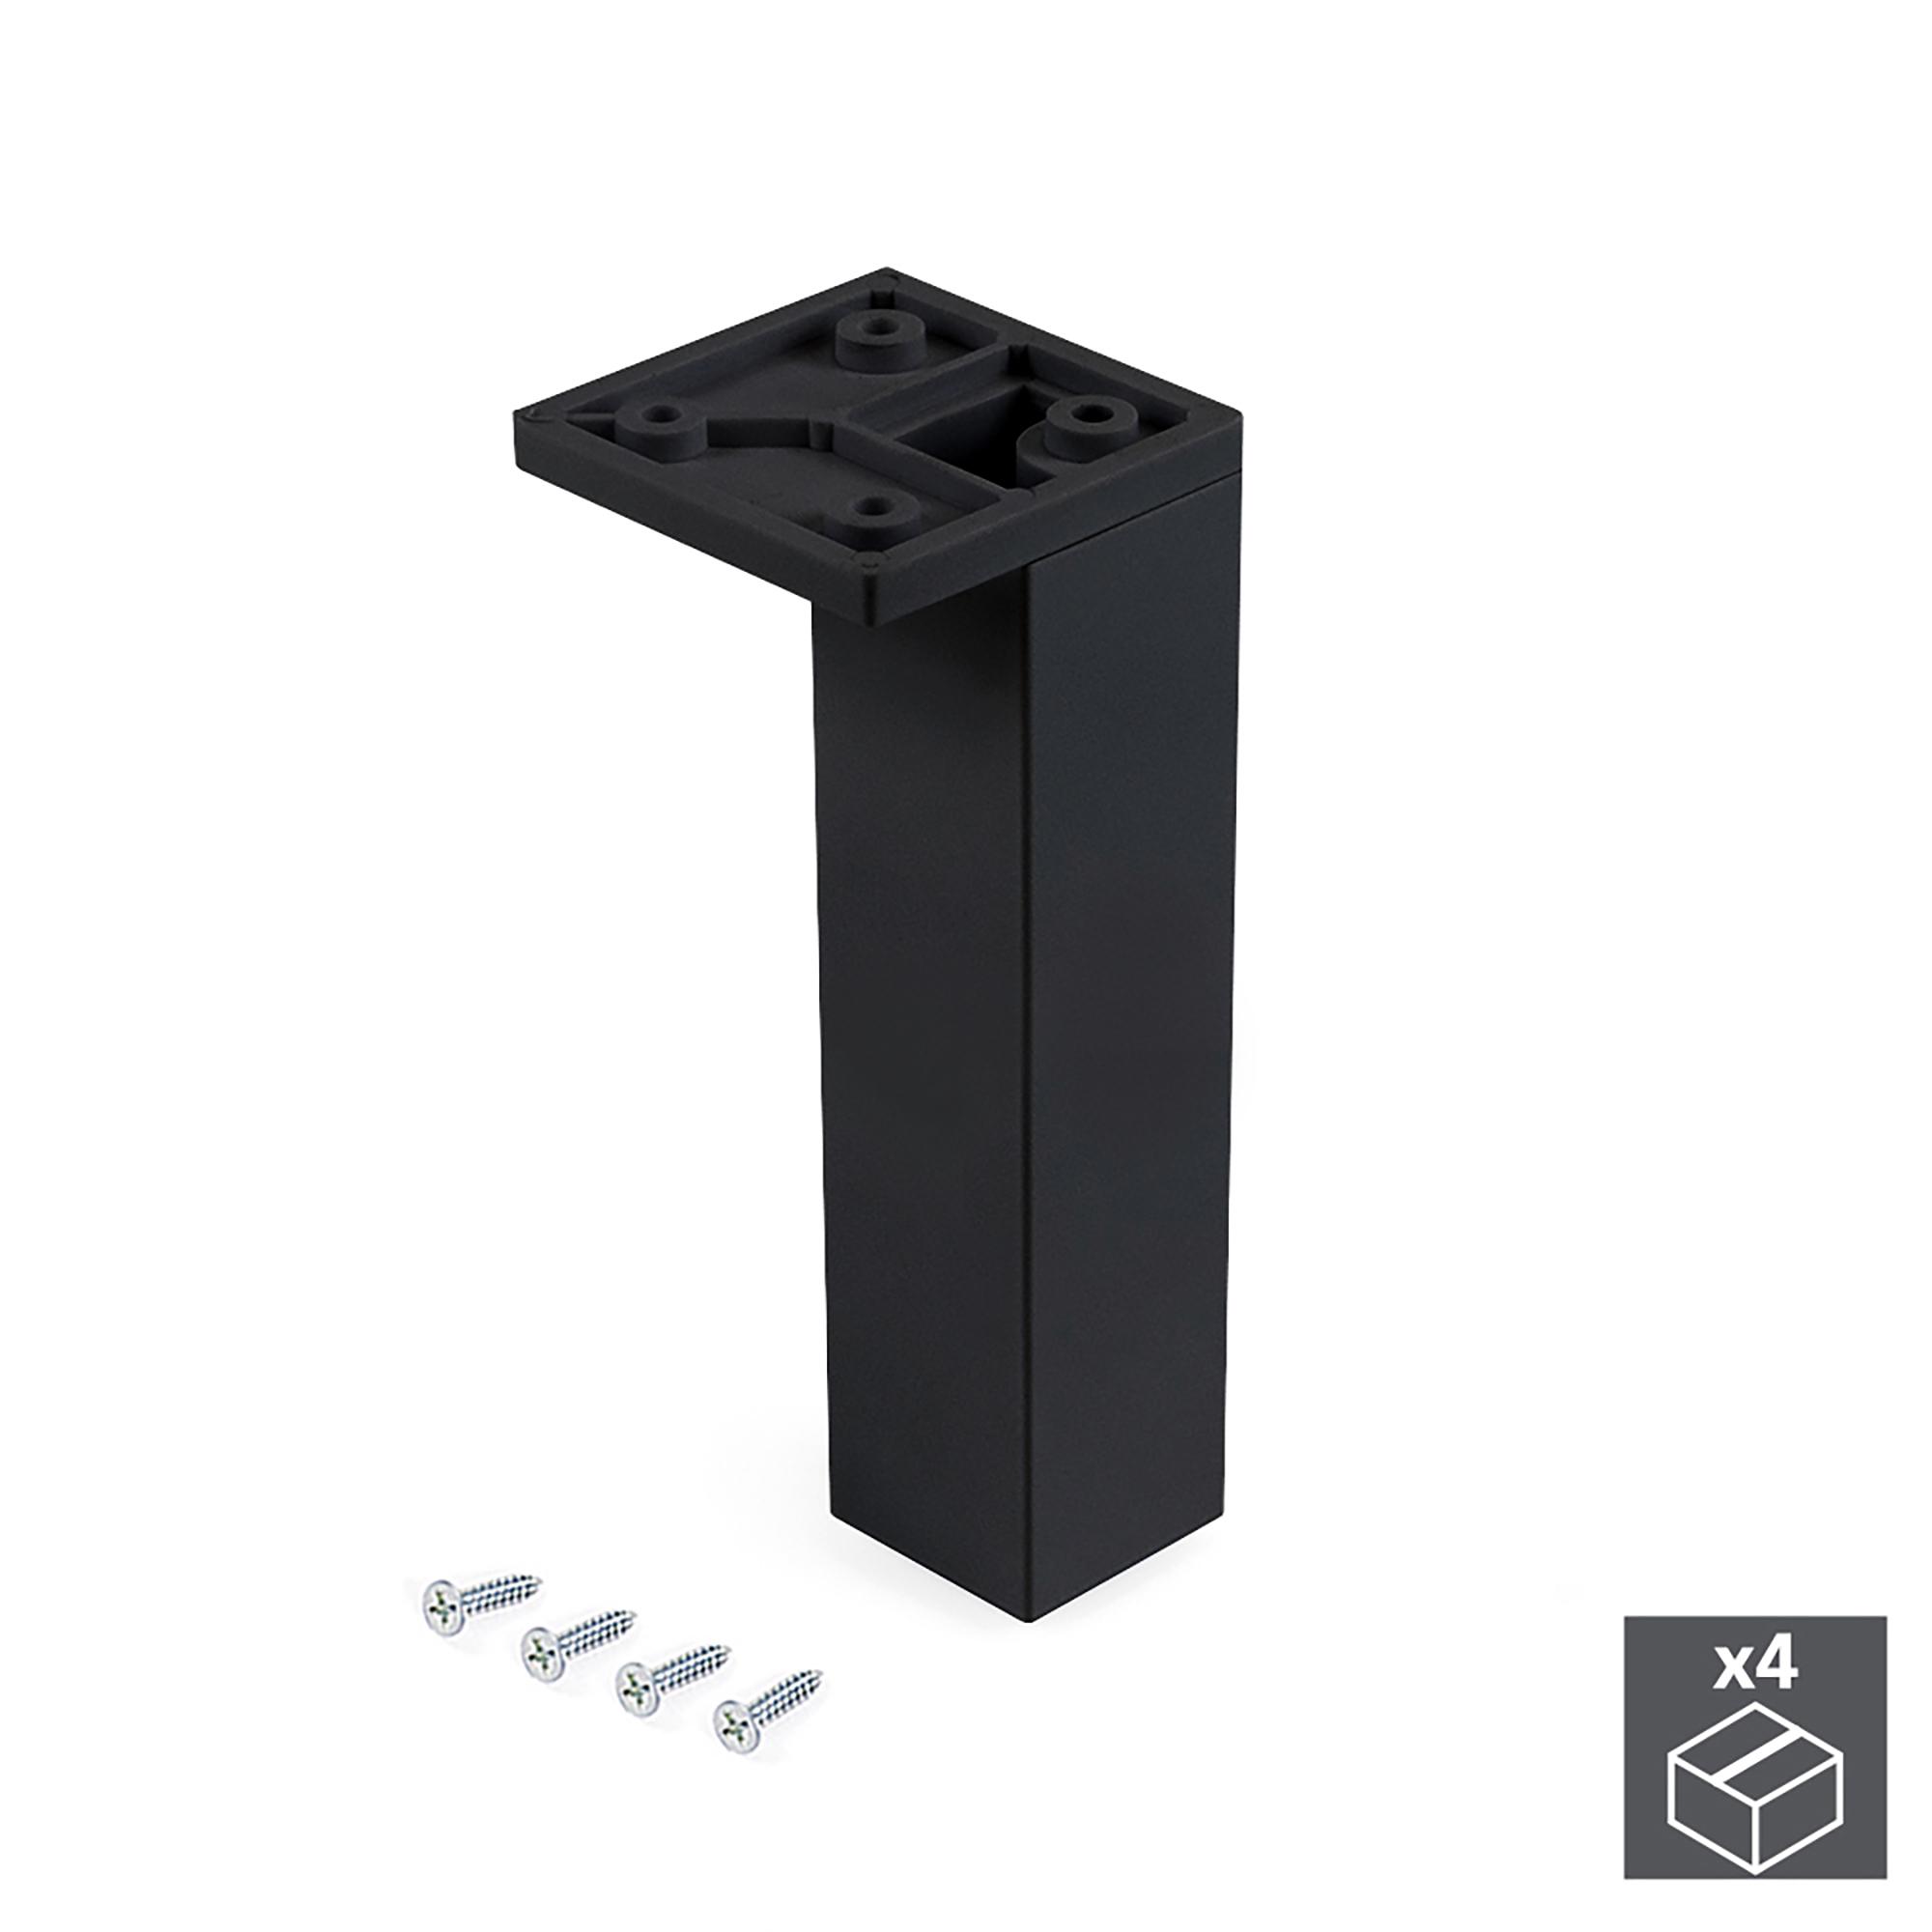 Emuca Piedino per mobile, angolo, regolabile, 140 - 150 mm, Plastica, Nero, 4 un.